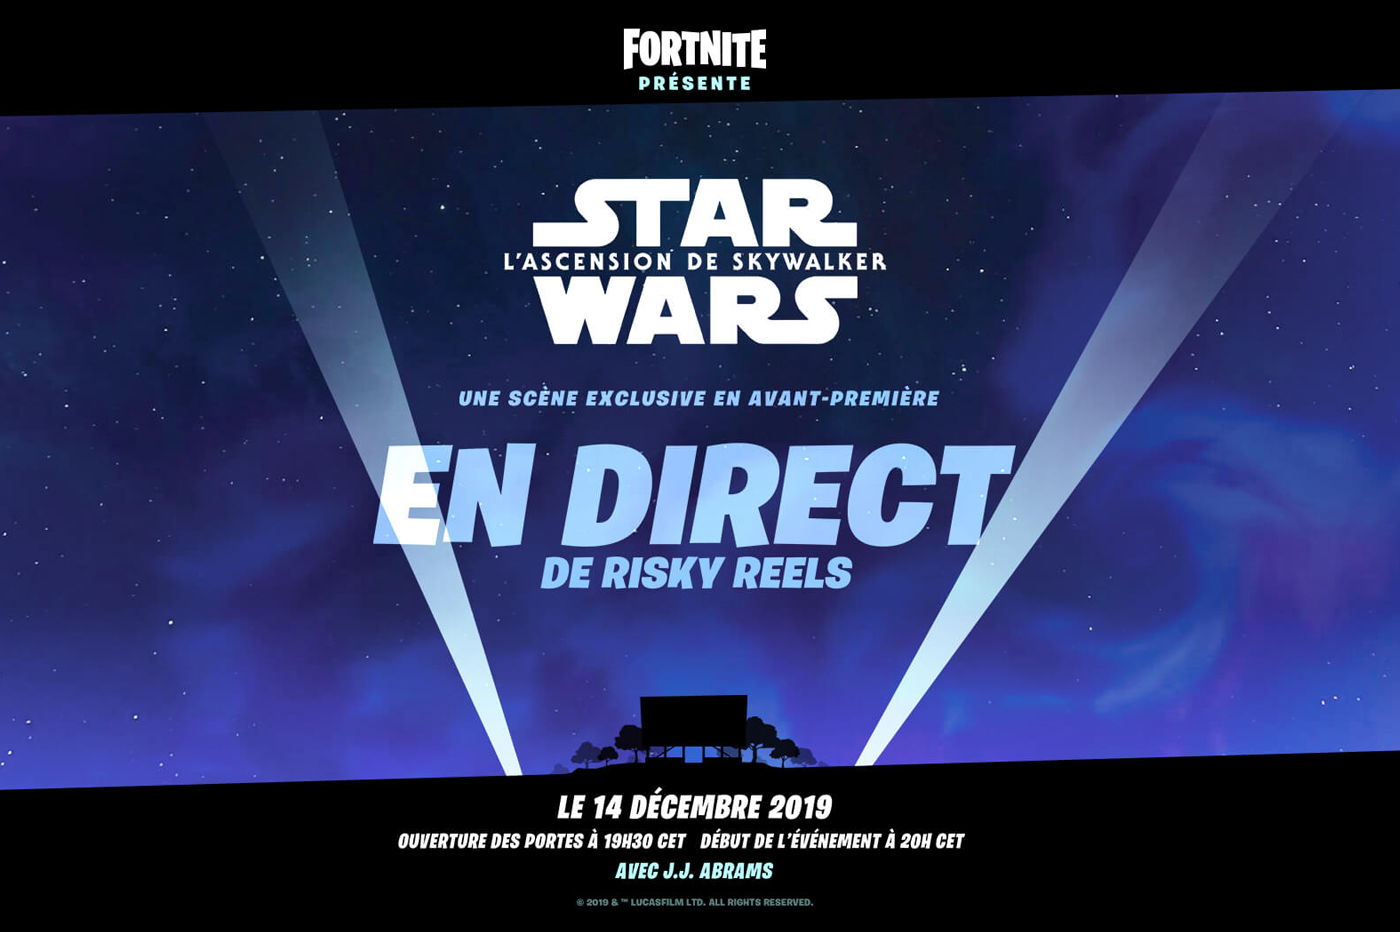 Un extrait de Star Wars dans Fortnite